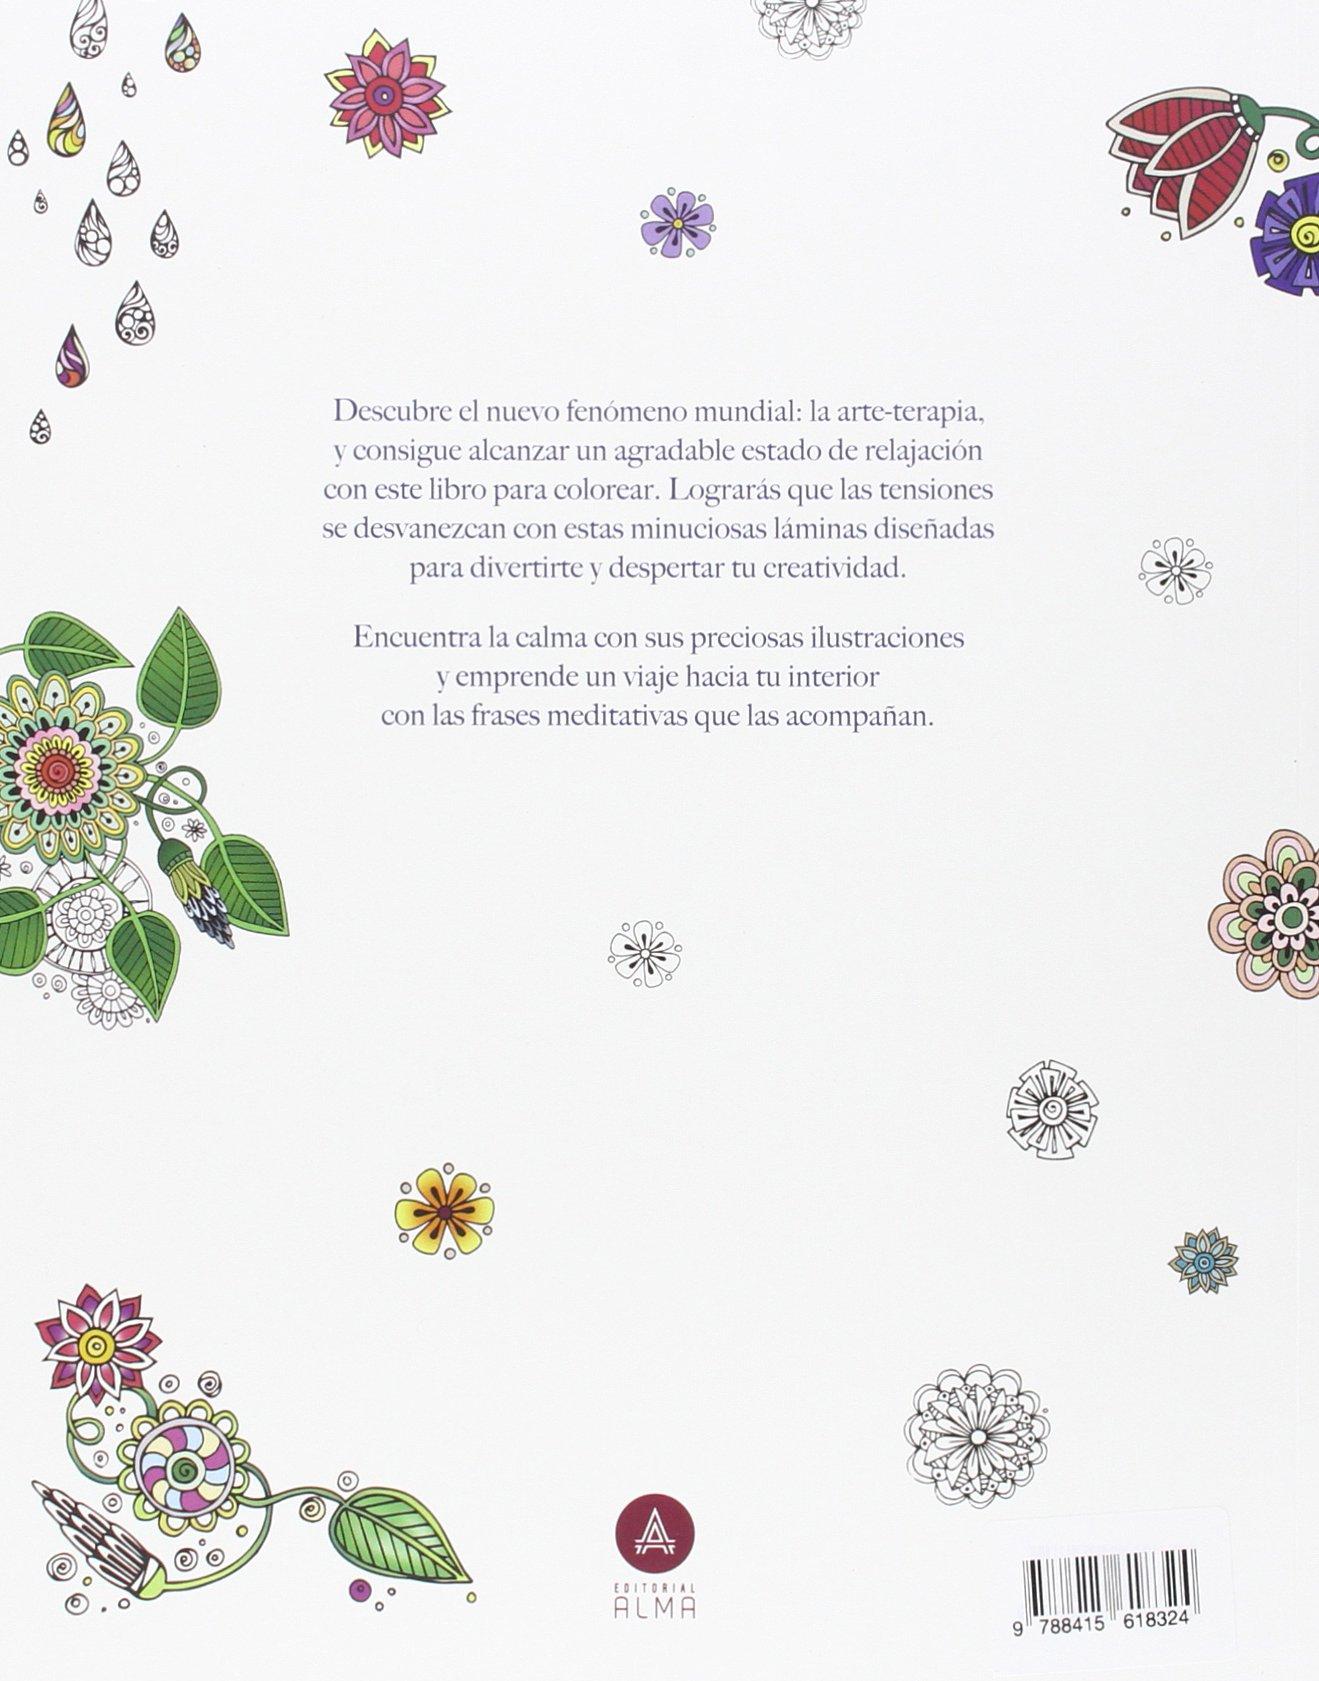 Arte-terapia: Inspiraciones creativas para colorear (Spanish Edition ...